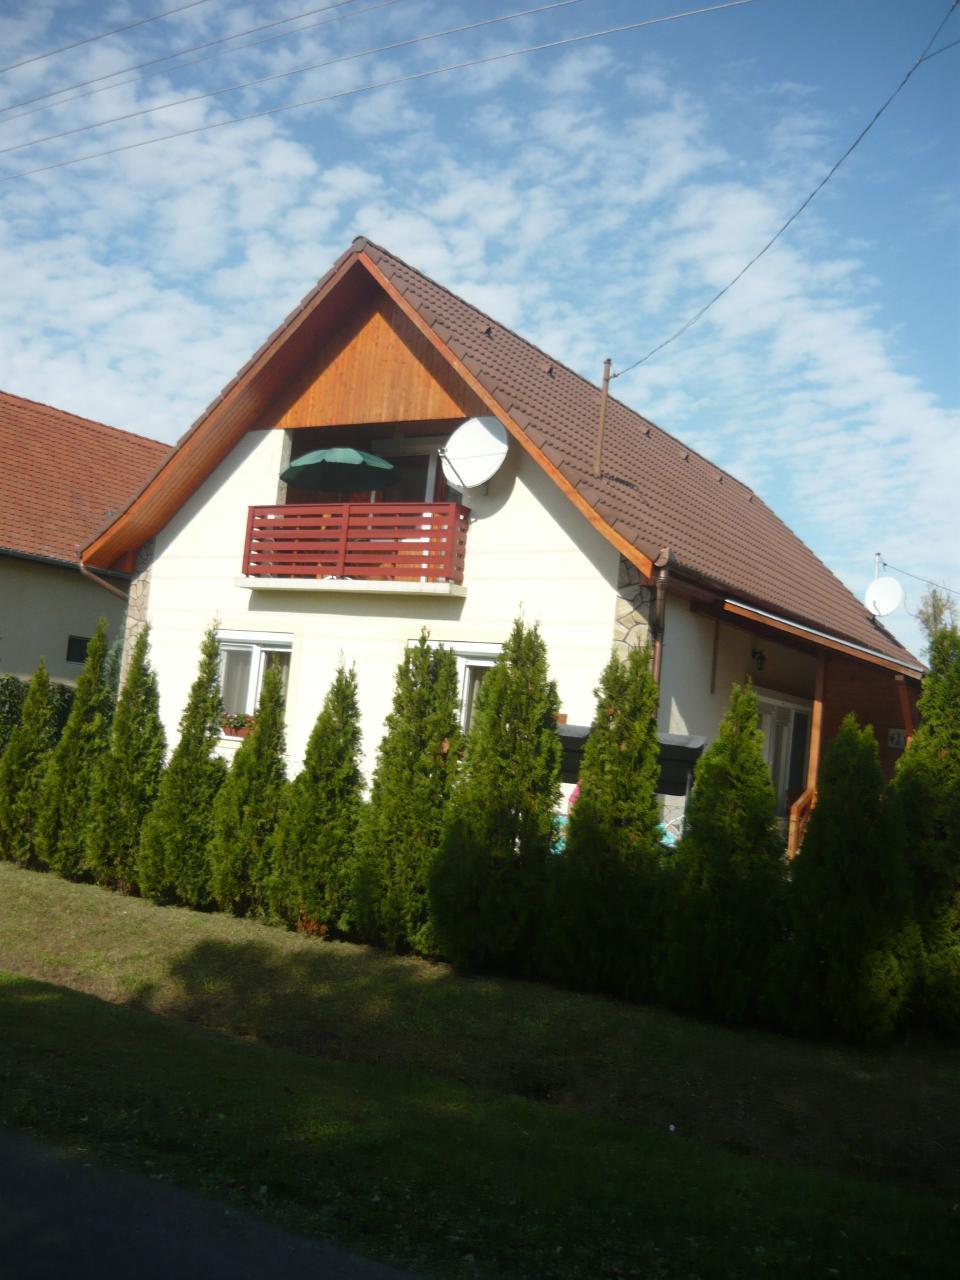 Ferienhaus für 6 Personen ca. 90 m² in B